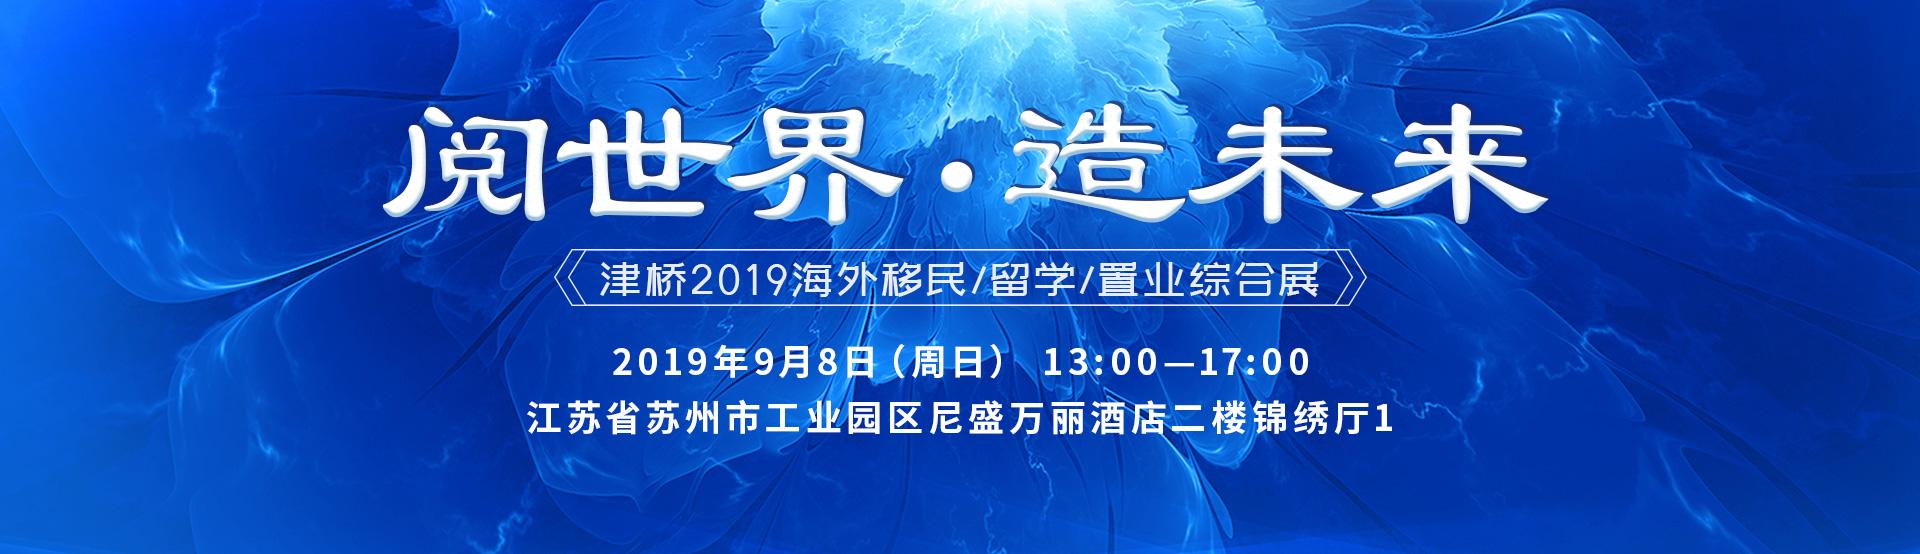 """【苏州分公司】""""阅世界·造未来""""津桥2019海外移民/留学/置业综合展!"""